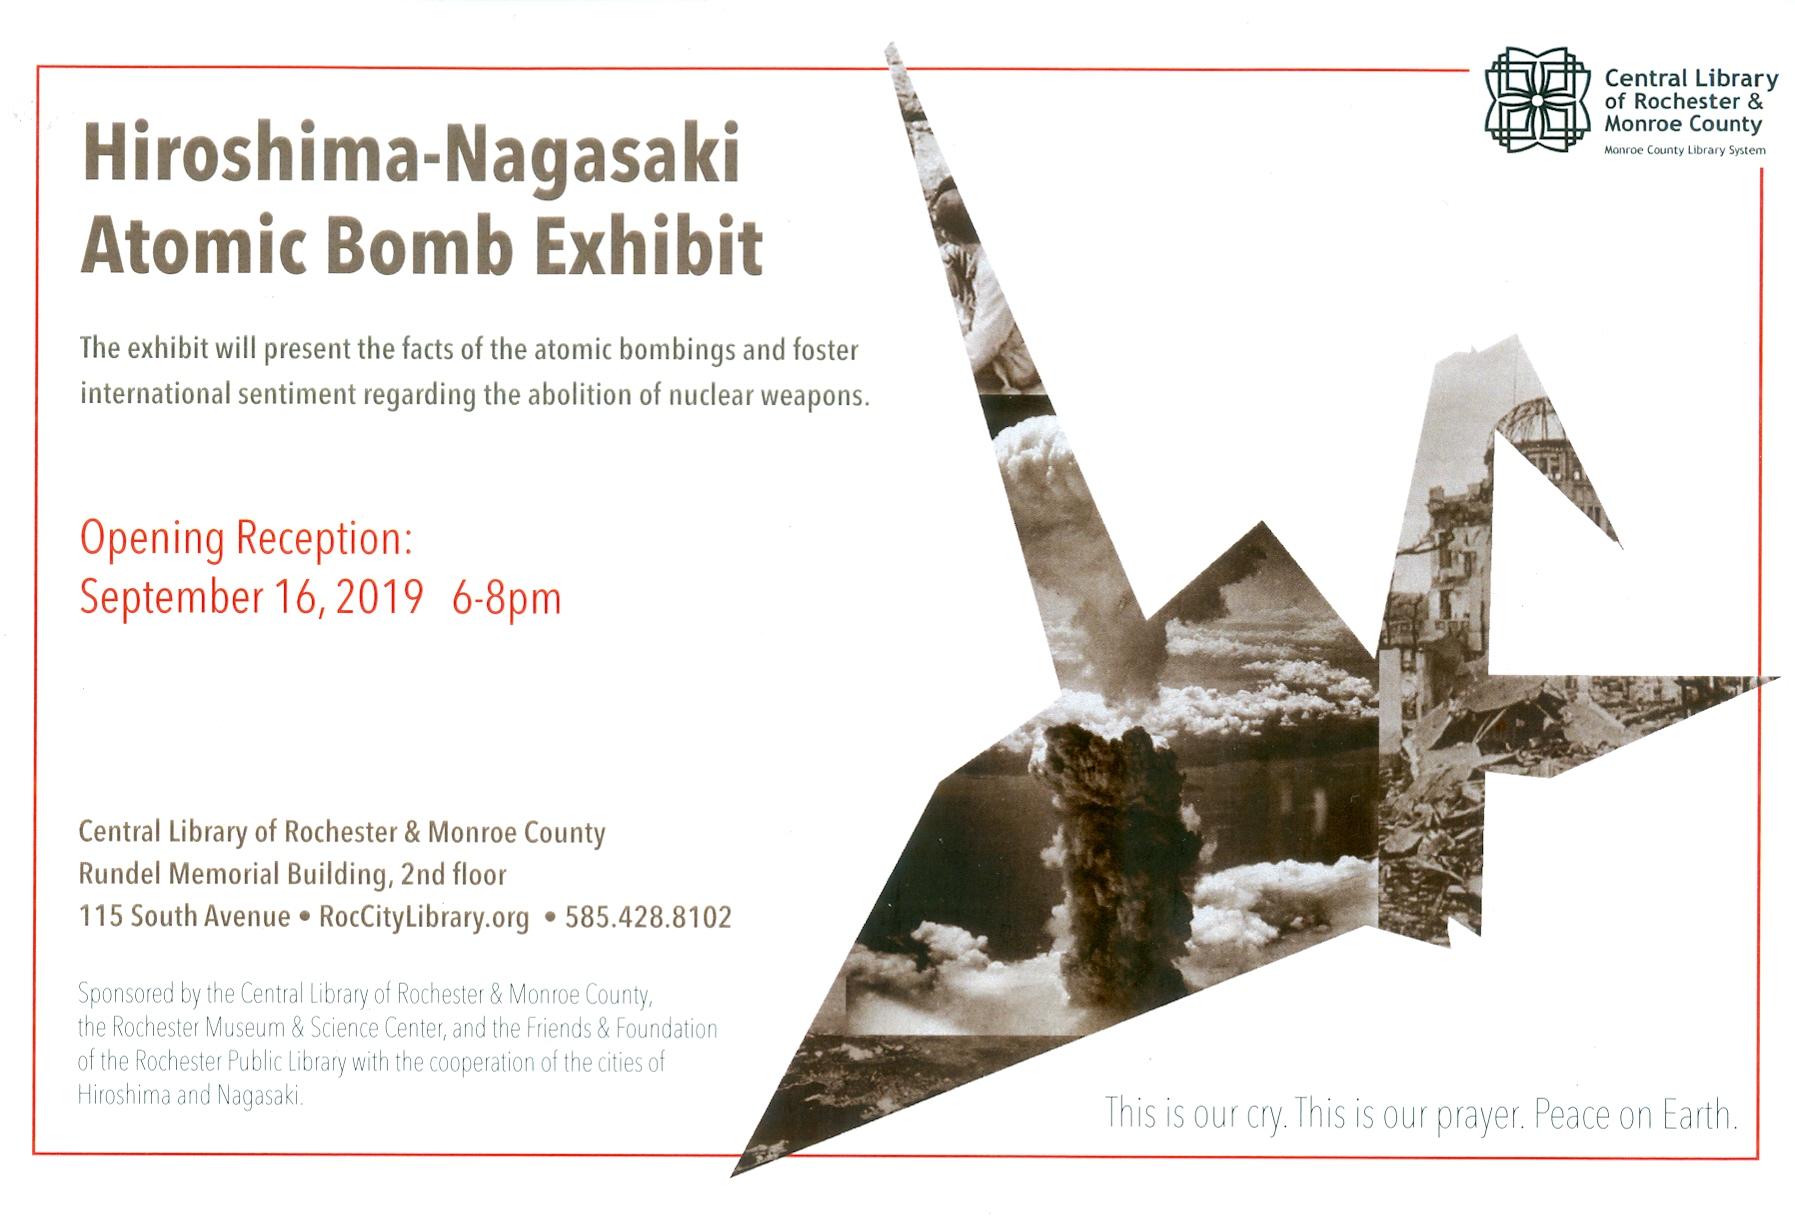 Hiroshima-Nagasaki Atomic Bomb Exhibit